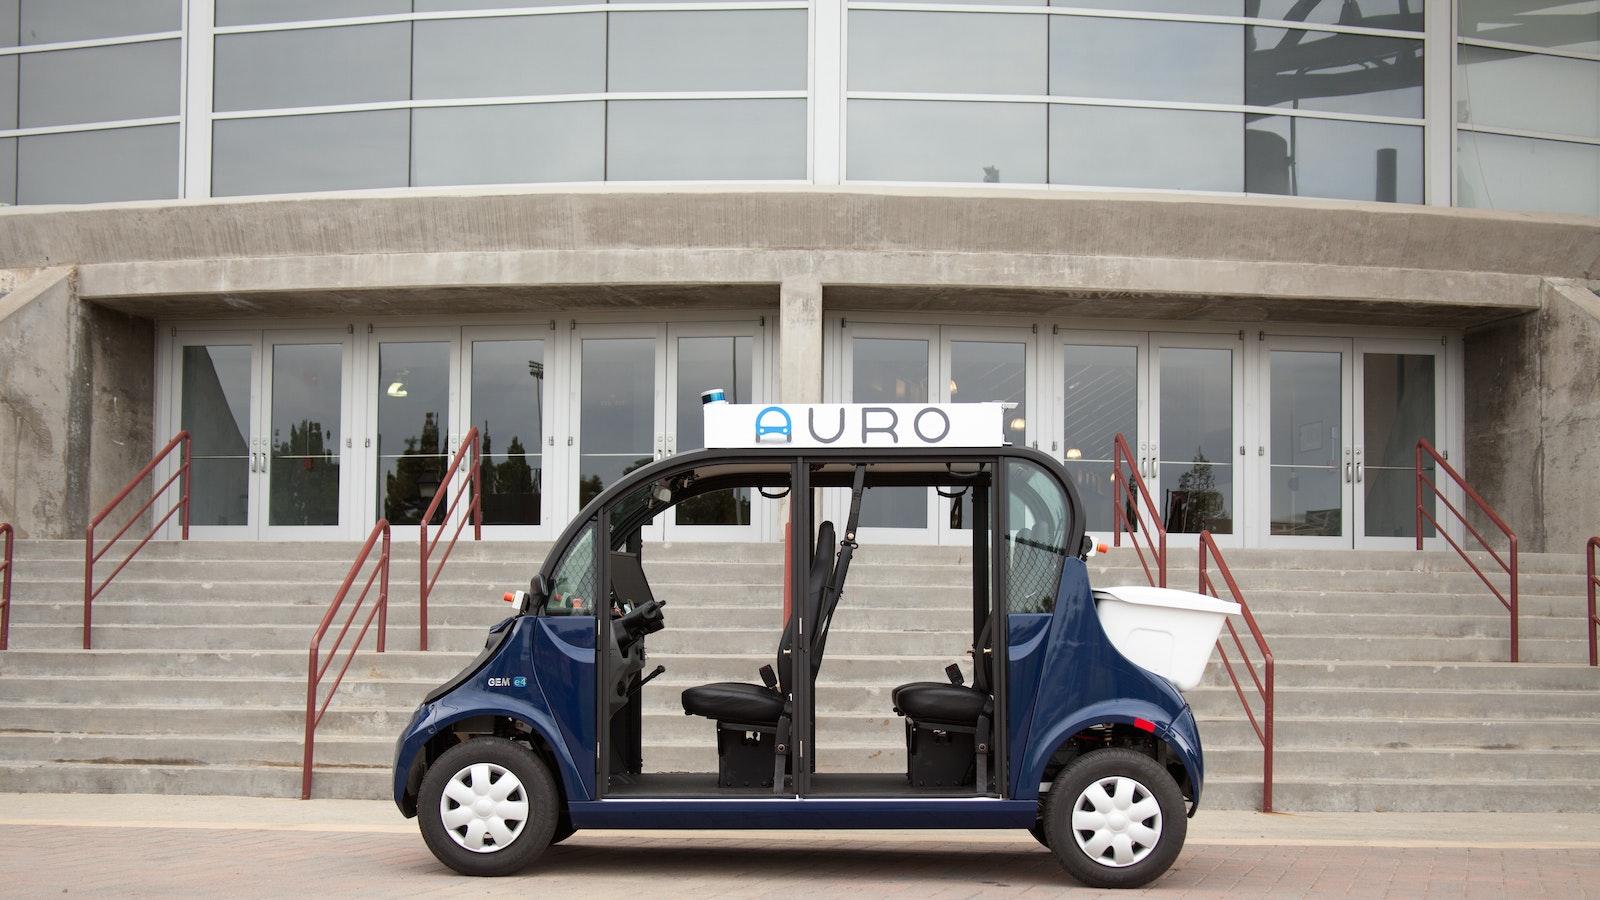 An Auro autonomous shuttle. Photo by Auro